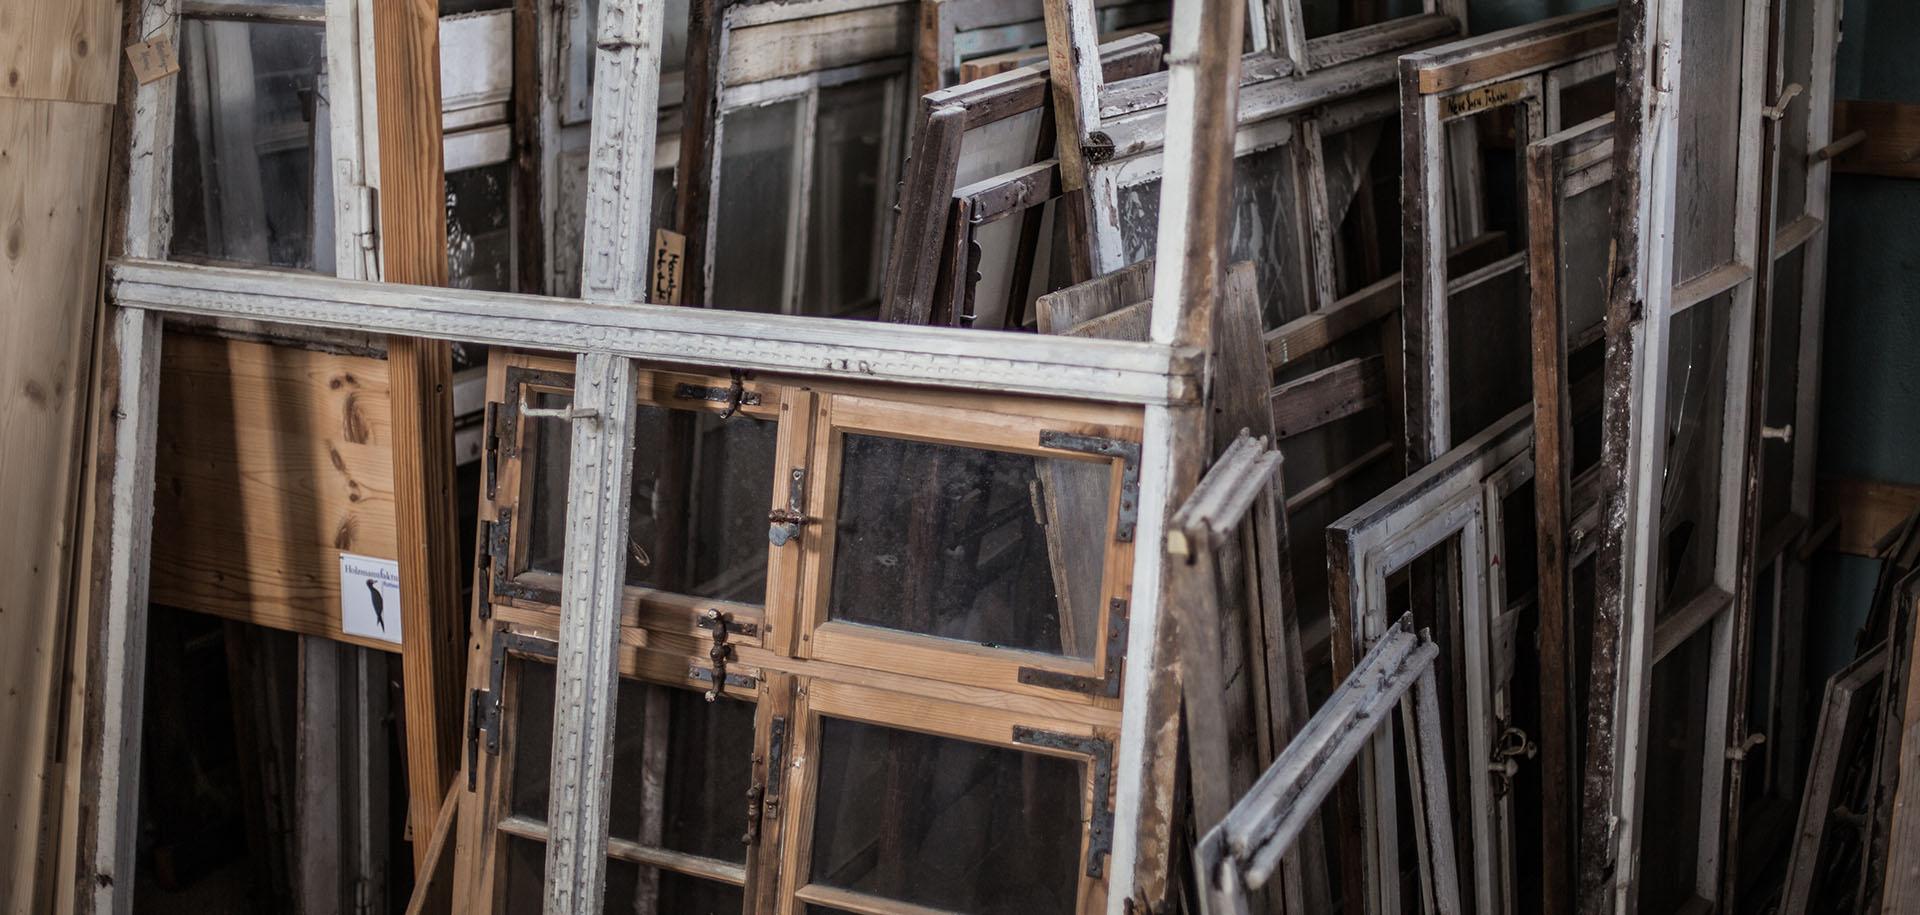 Full Size of Alte Fenster Kaufen Holzmanufaktur Rottweil Rundes In Polen Verdunkelung Küche Günstig Sonnenschutz Außen Anthrazit Alarmanlagen Für Und Türen Rehau Fenster Alte Fenster Kaufen